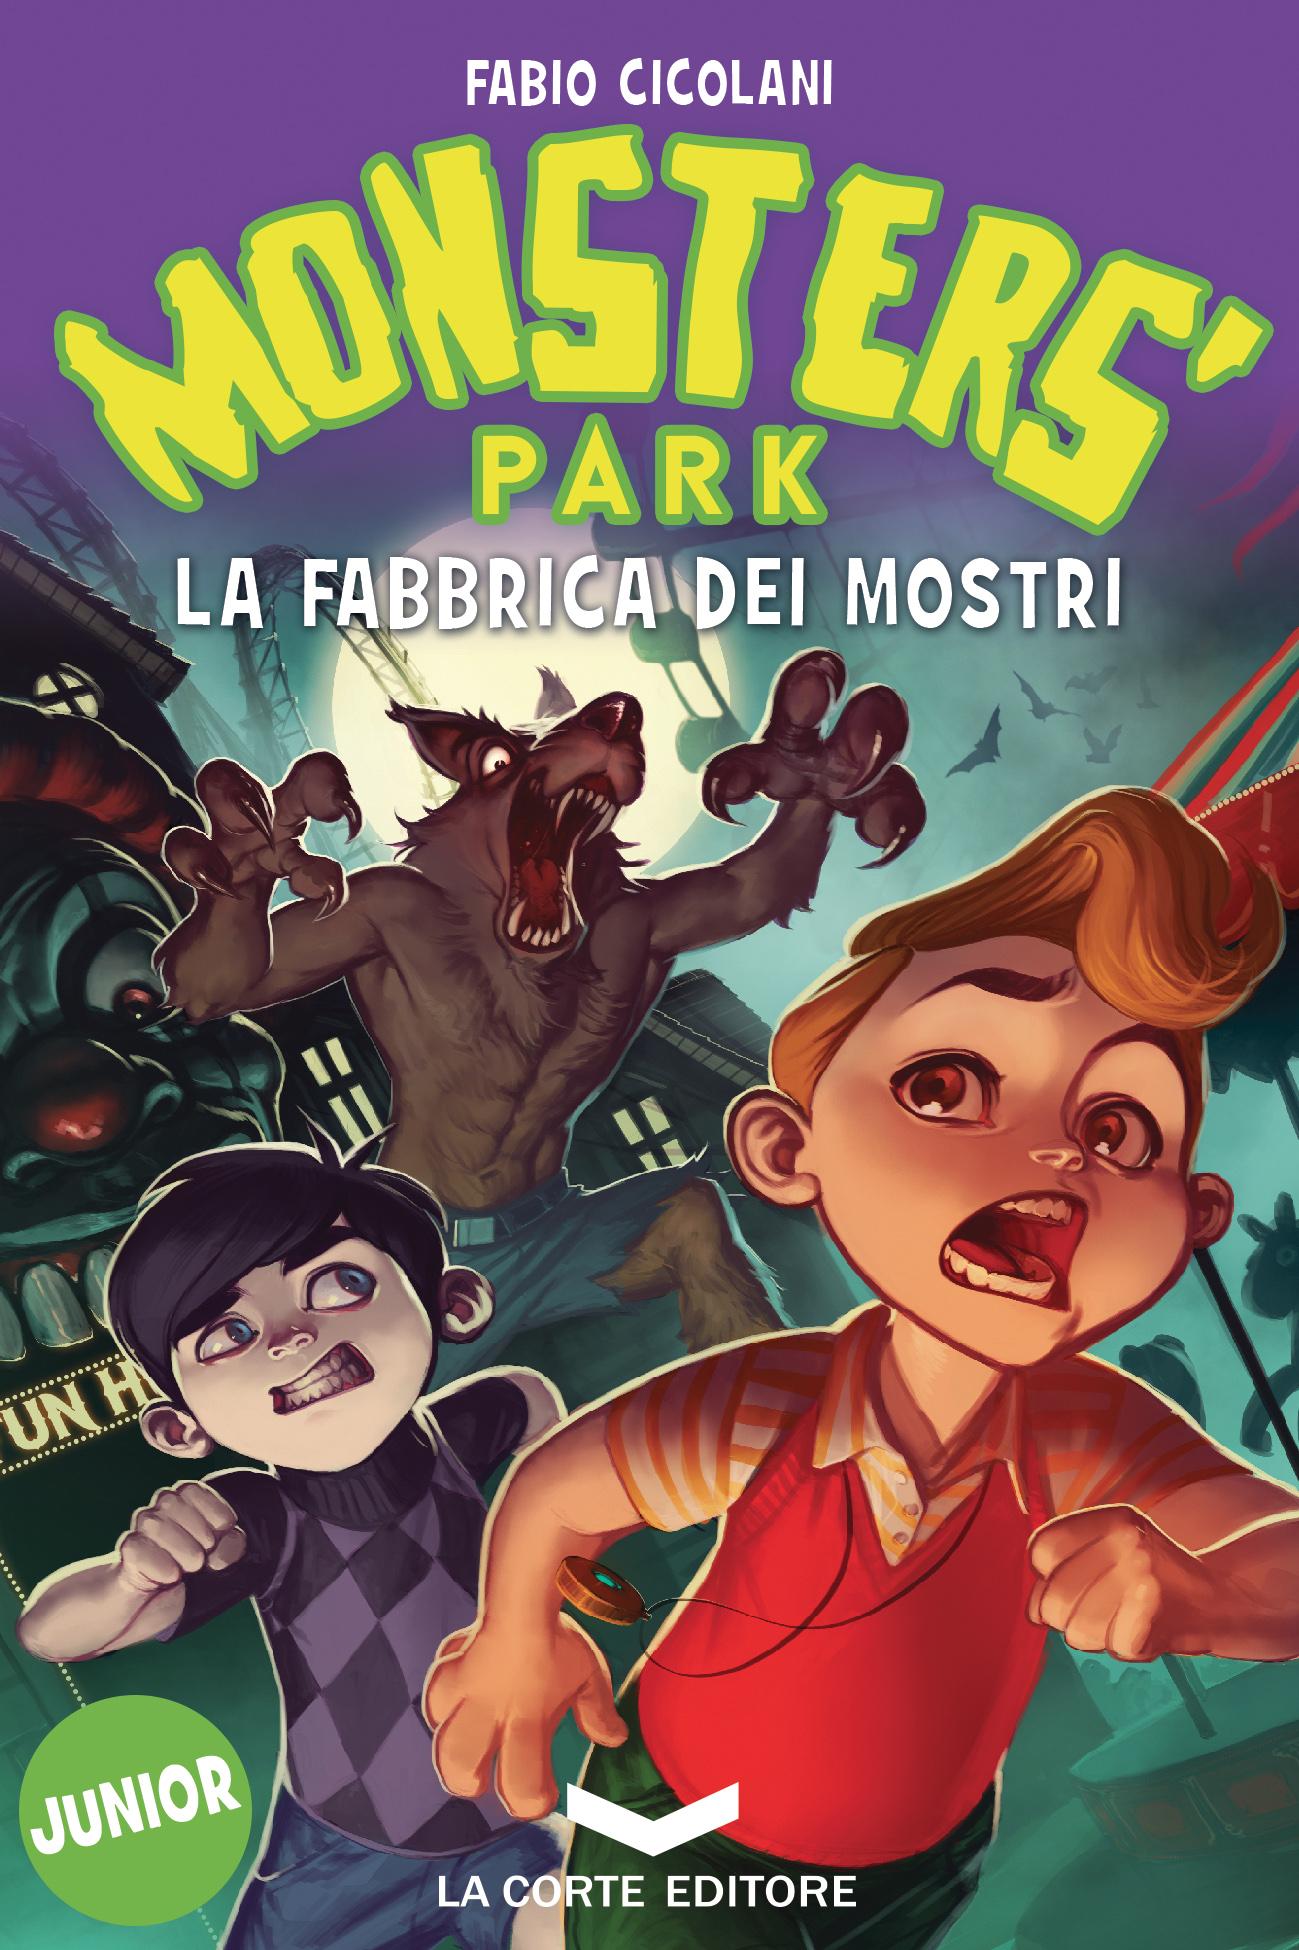 La fabbrica dei mostri